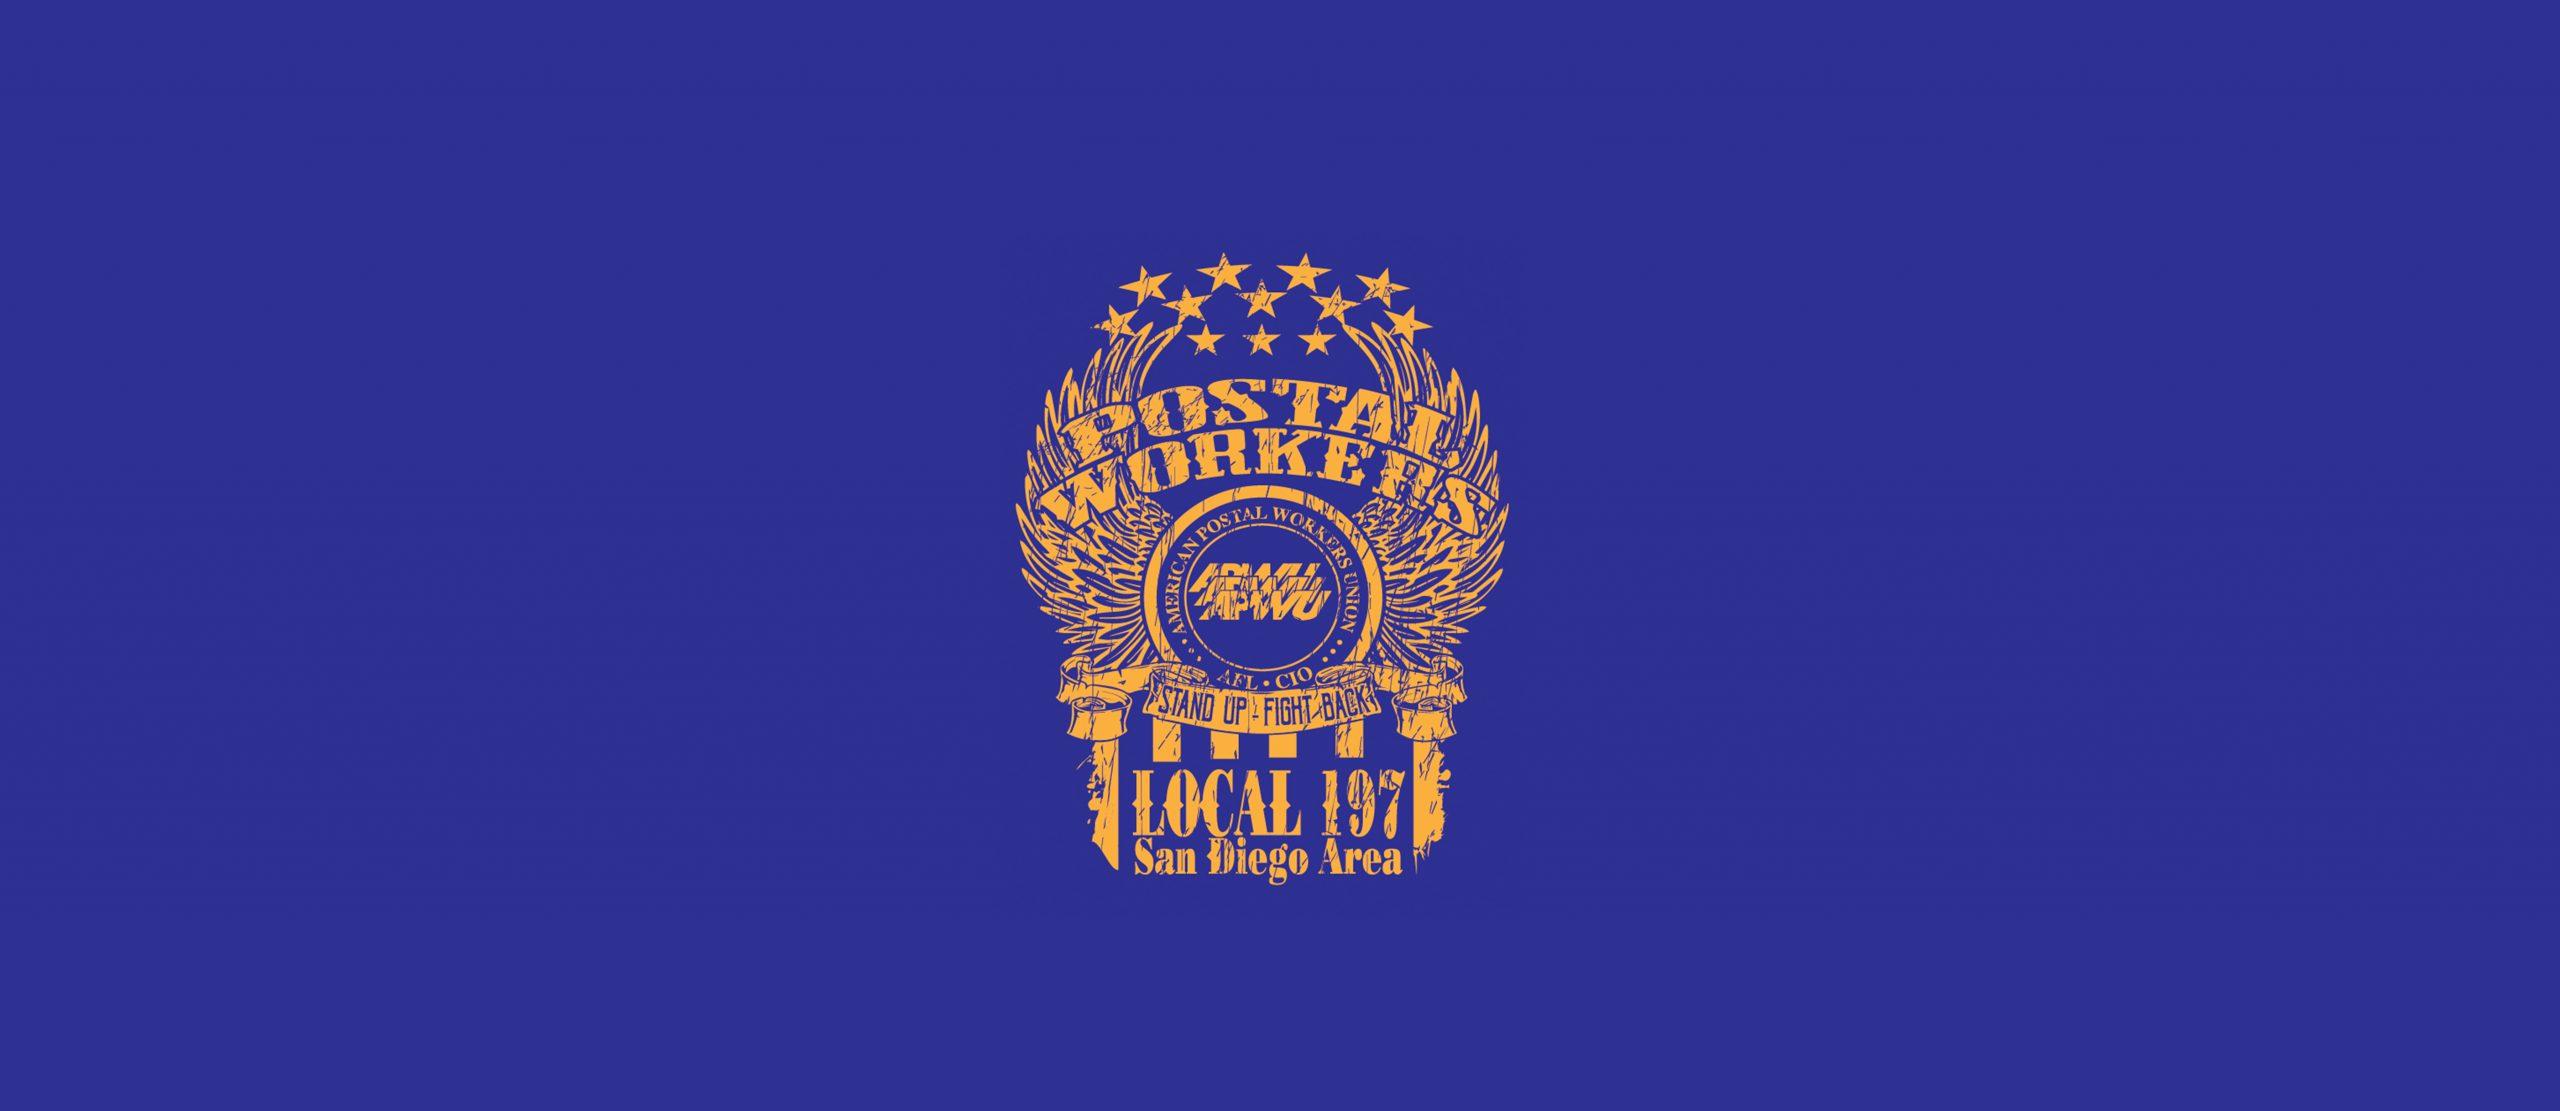 APWU 197 - GOLD ON BLUE-background